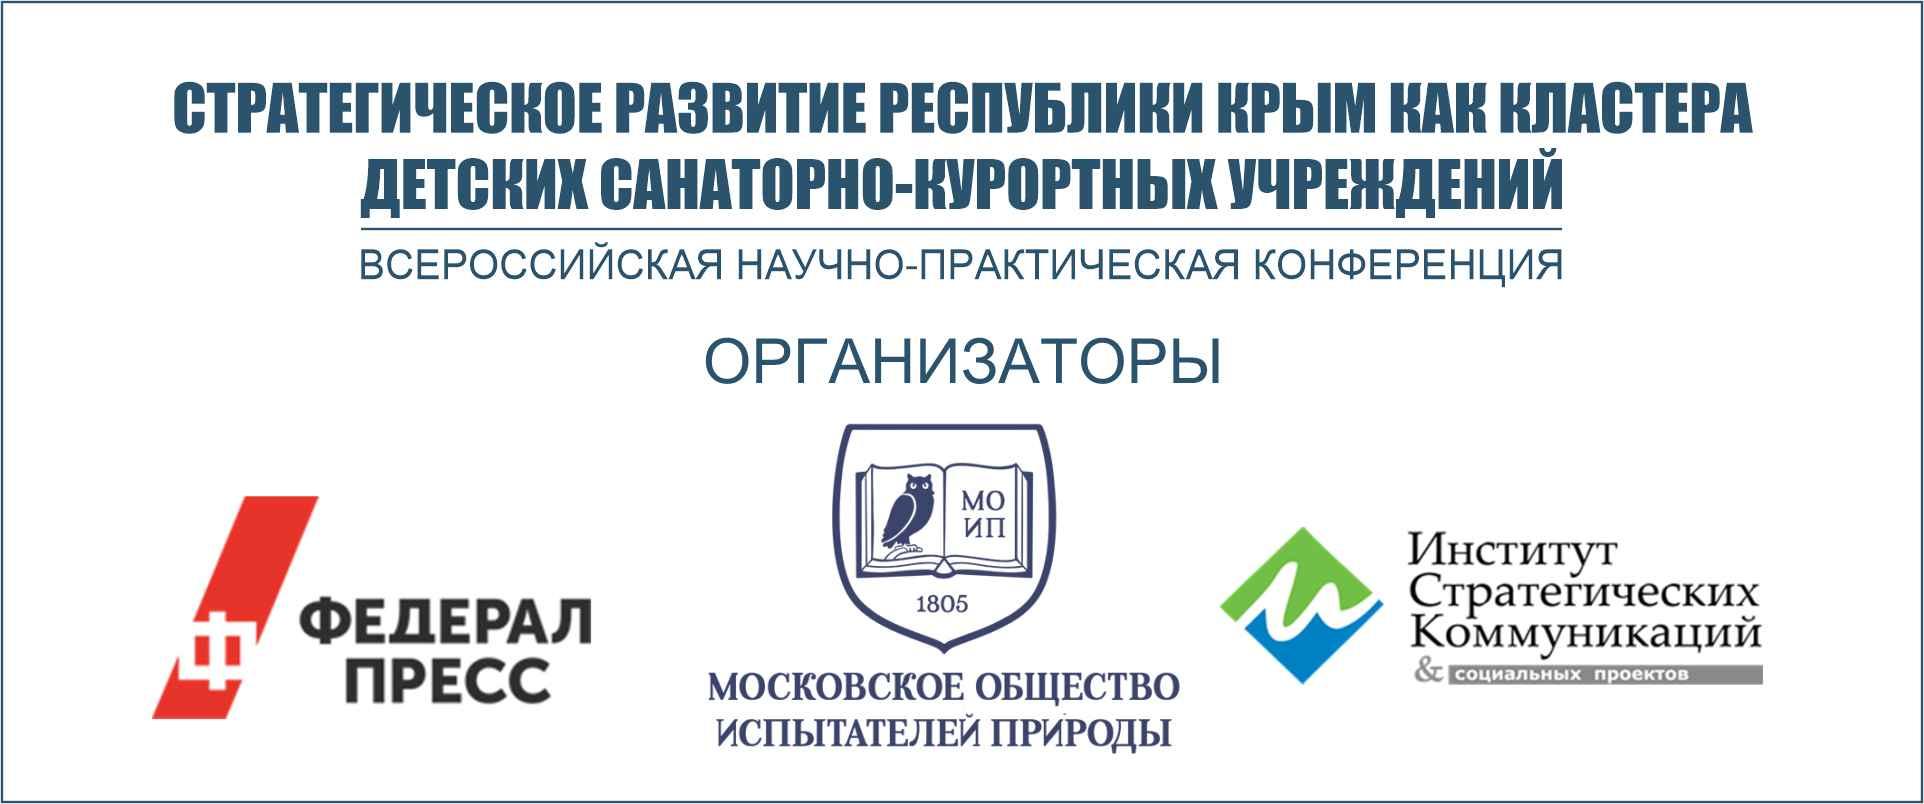 Фотоотчет о Конференции «Стратегическое развитие Республики Крым как кластера детских санаторно-курортных учреждений»